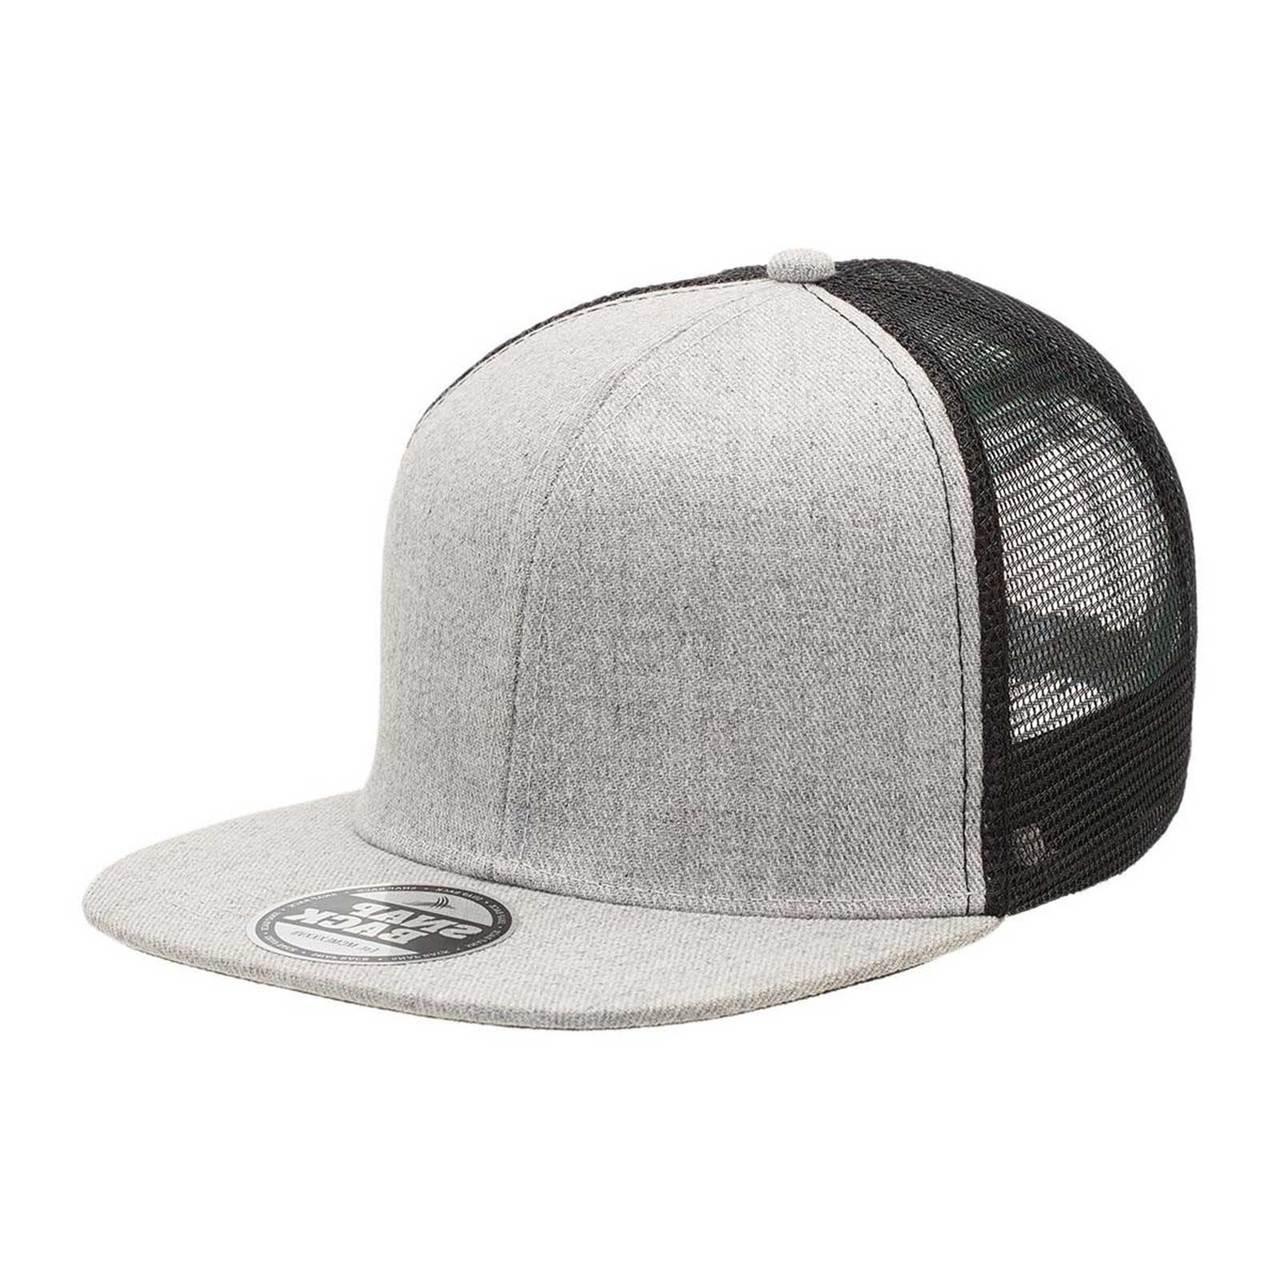 7005dc8da4633 Wholesale Plain Heather Flat Peak Trucker Caps . Bulk Buy Hats Online